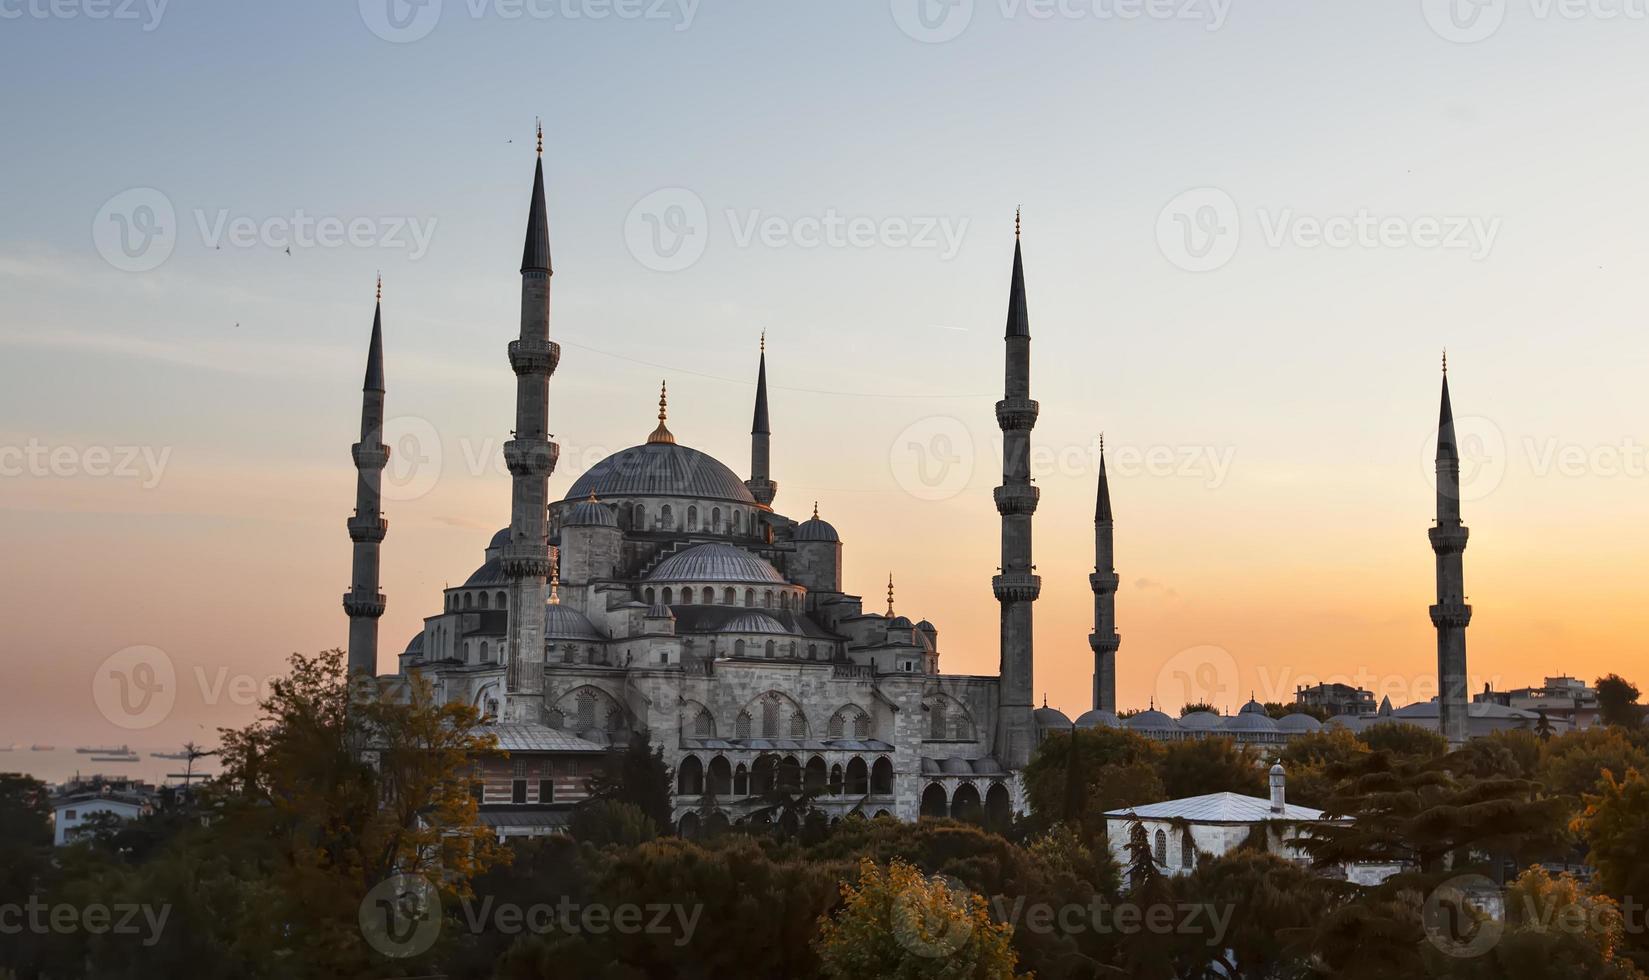 Sonnenuntergang über der blauen Moschee im Sultanahmet-Bezirk, Istanbul, Truthahn. foto